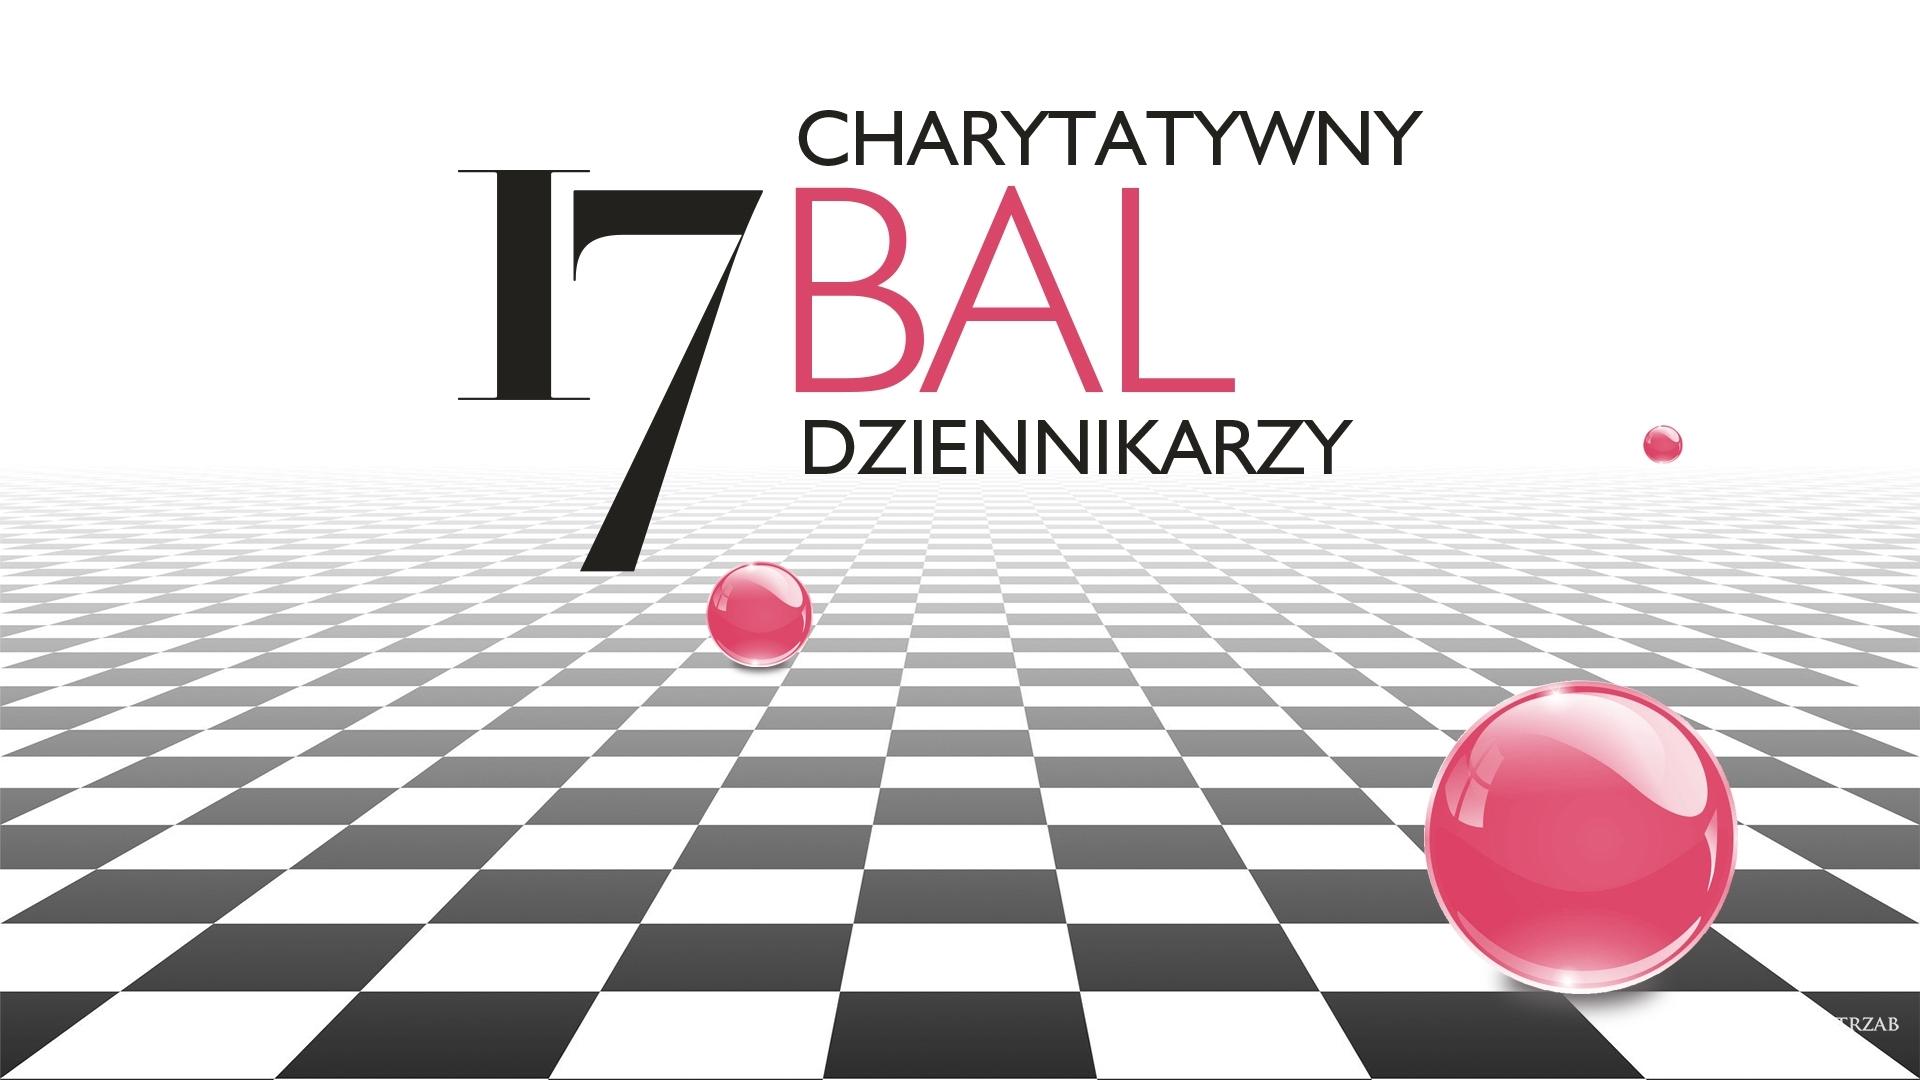 17 Charytatywny Bal Dziennikarzy